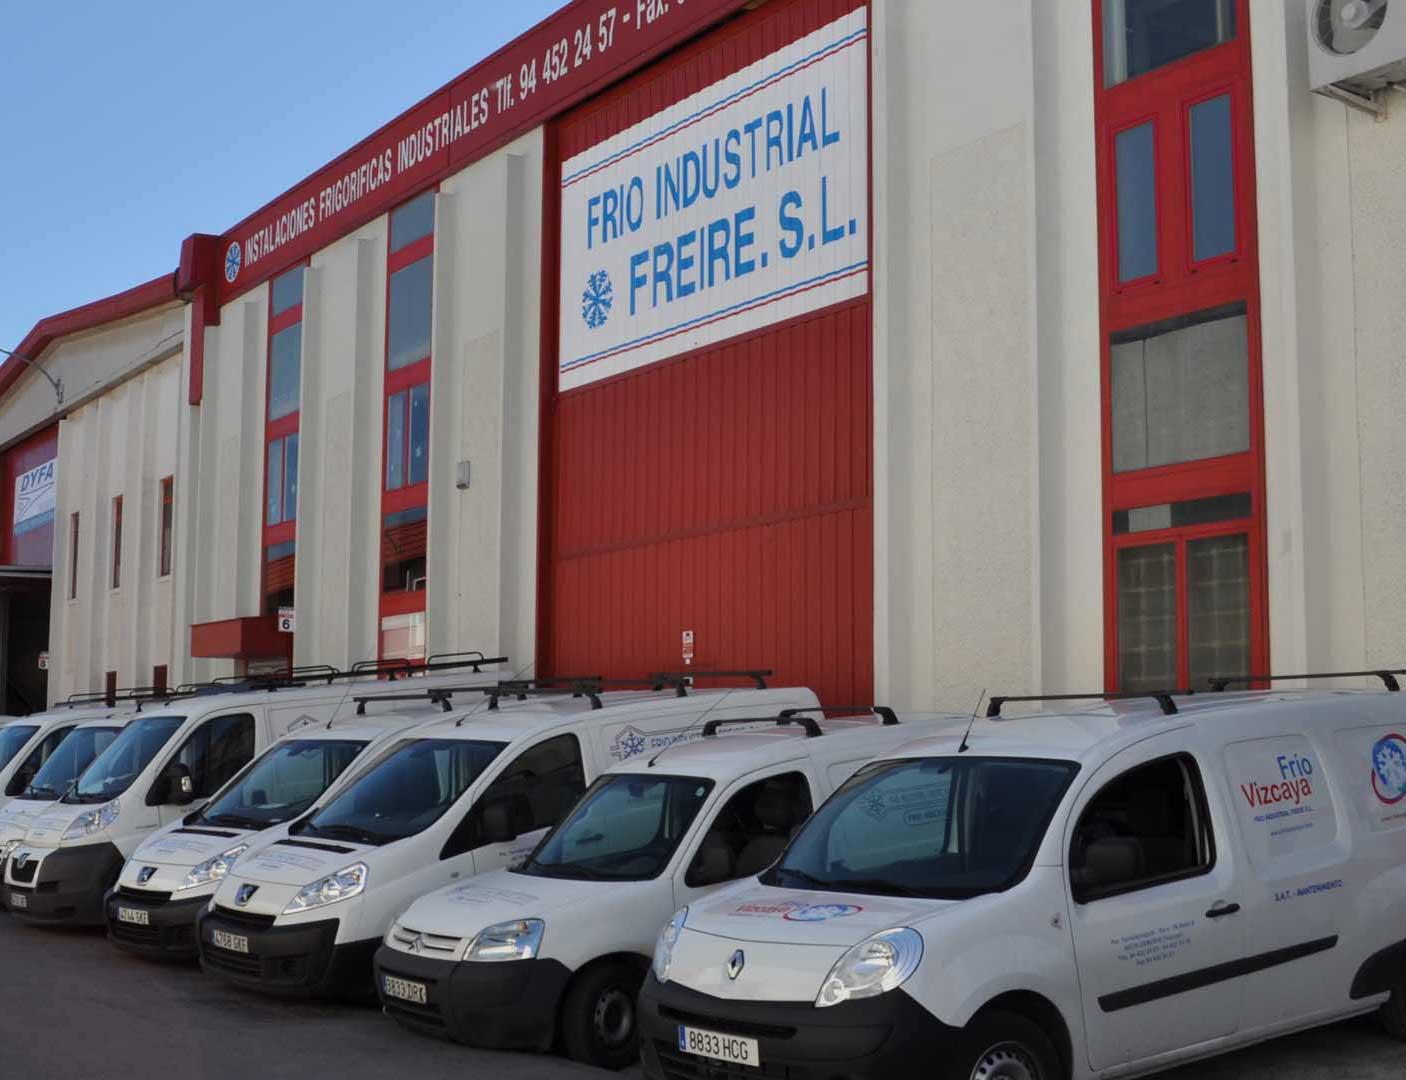 Servicio técnico y mantenimiento frio industrial, comercial y aire acondicionado